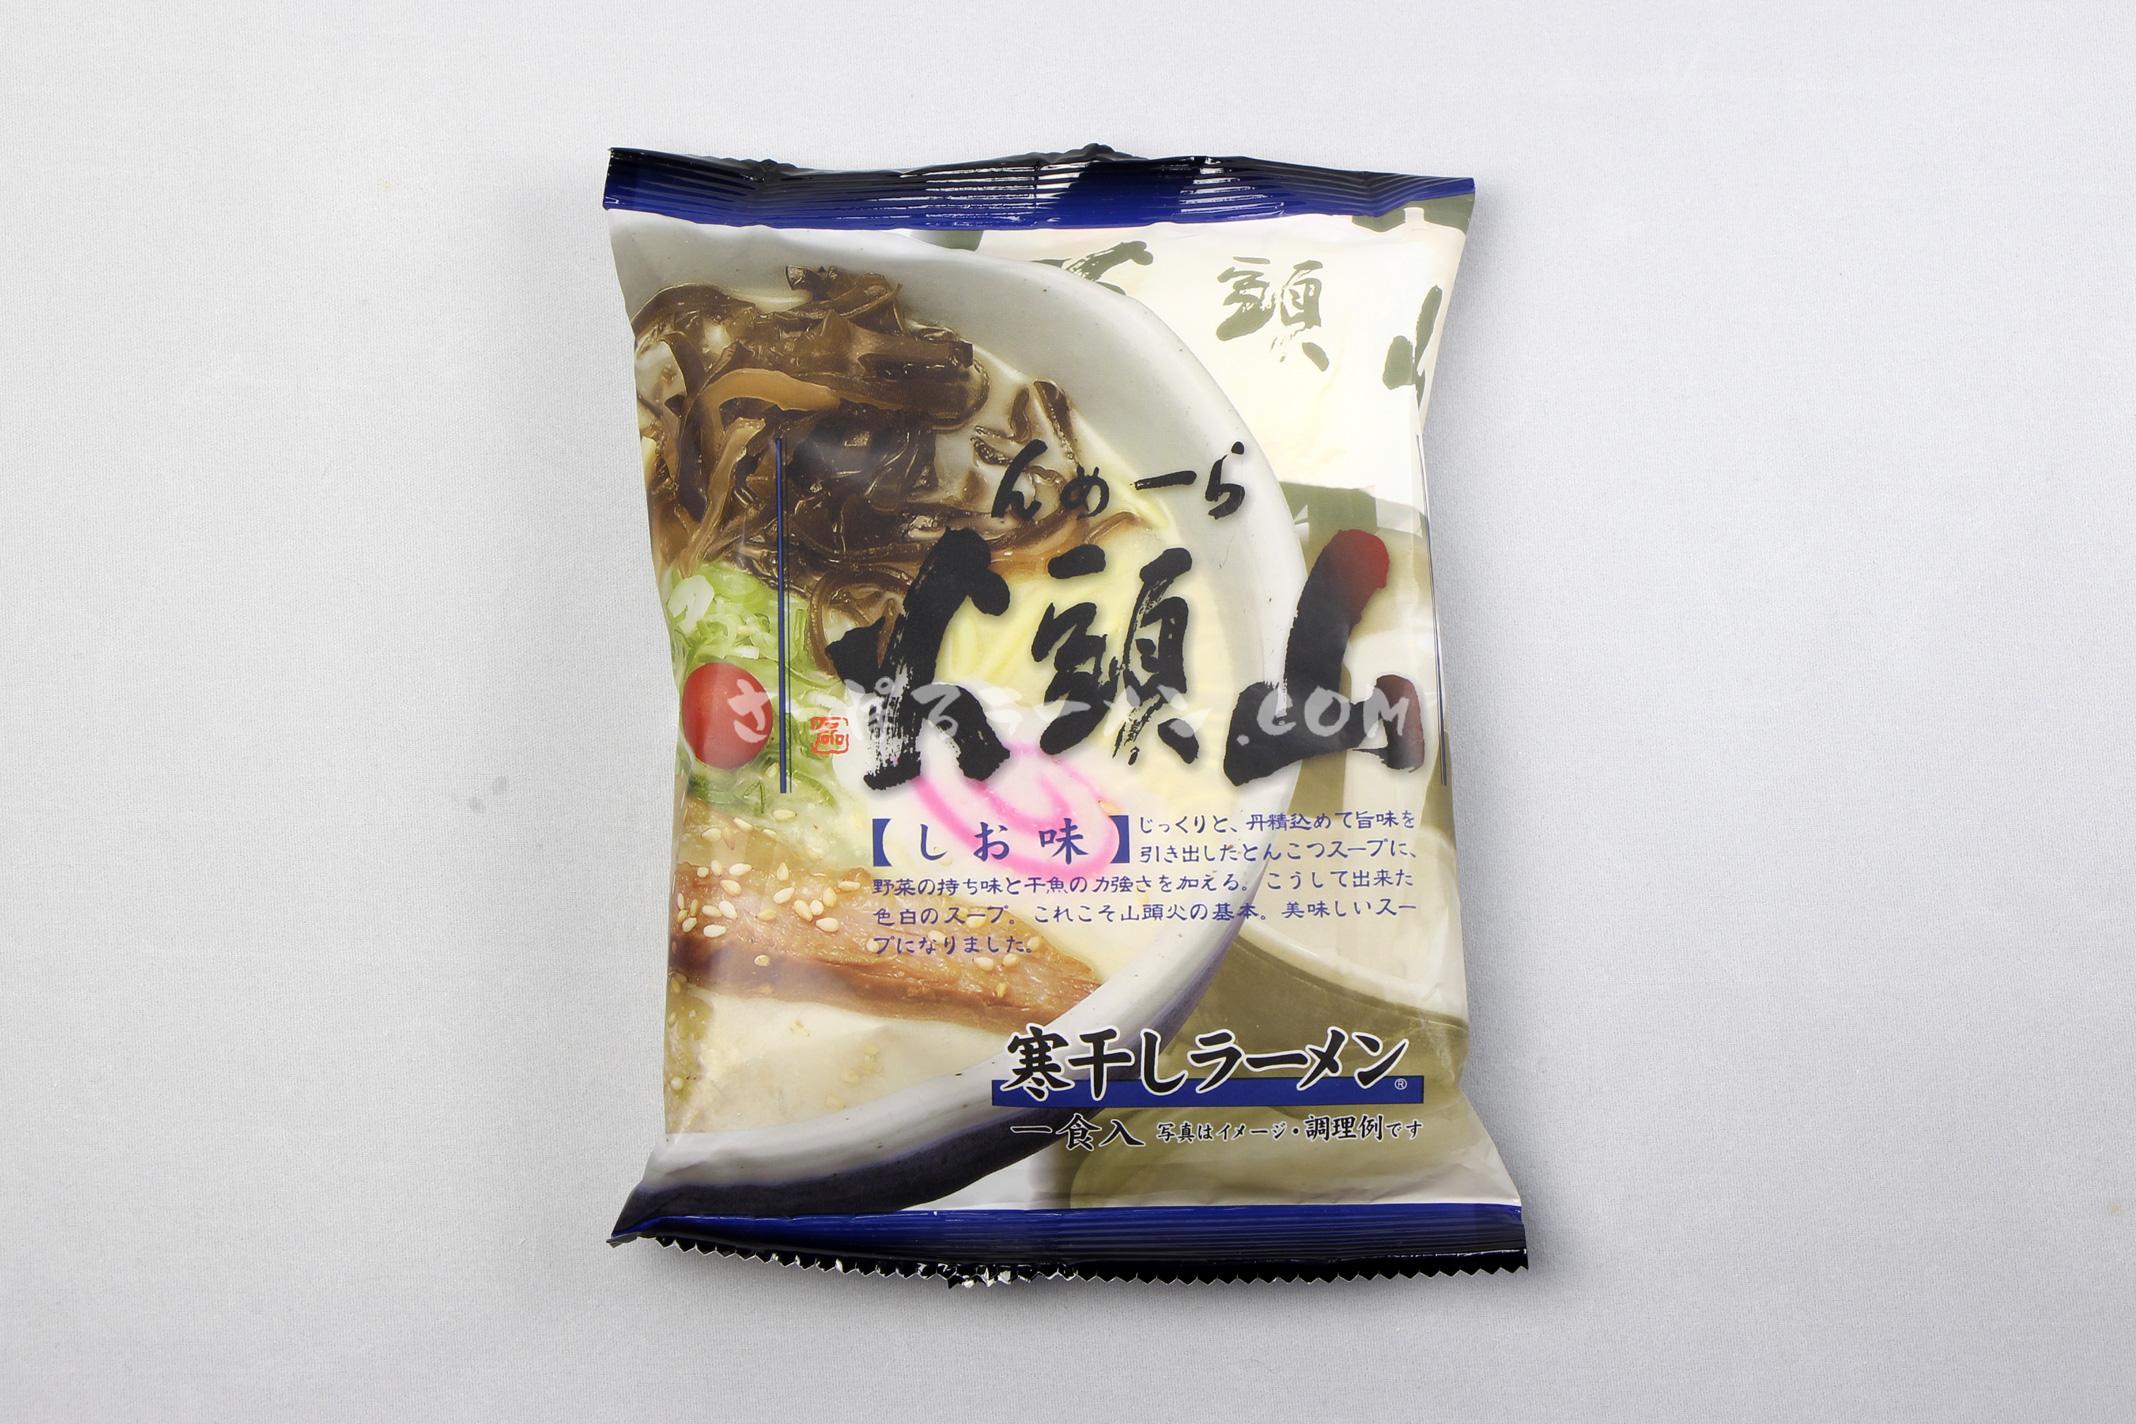 「寒干し らーめん山頭火 しお味」(菊水)のパッケージ(表)